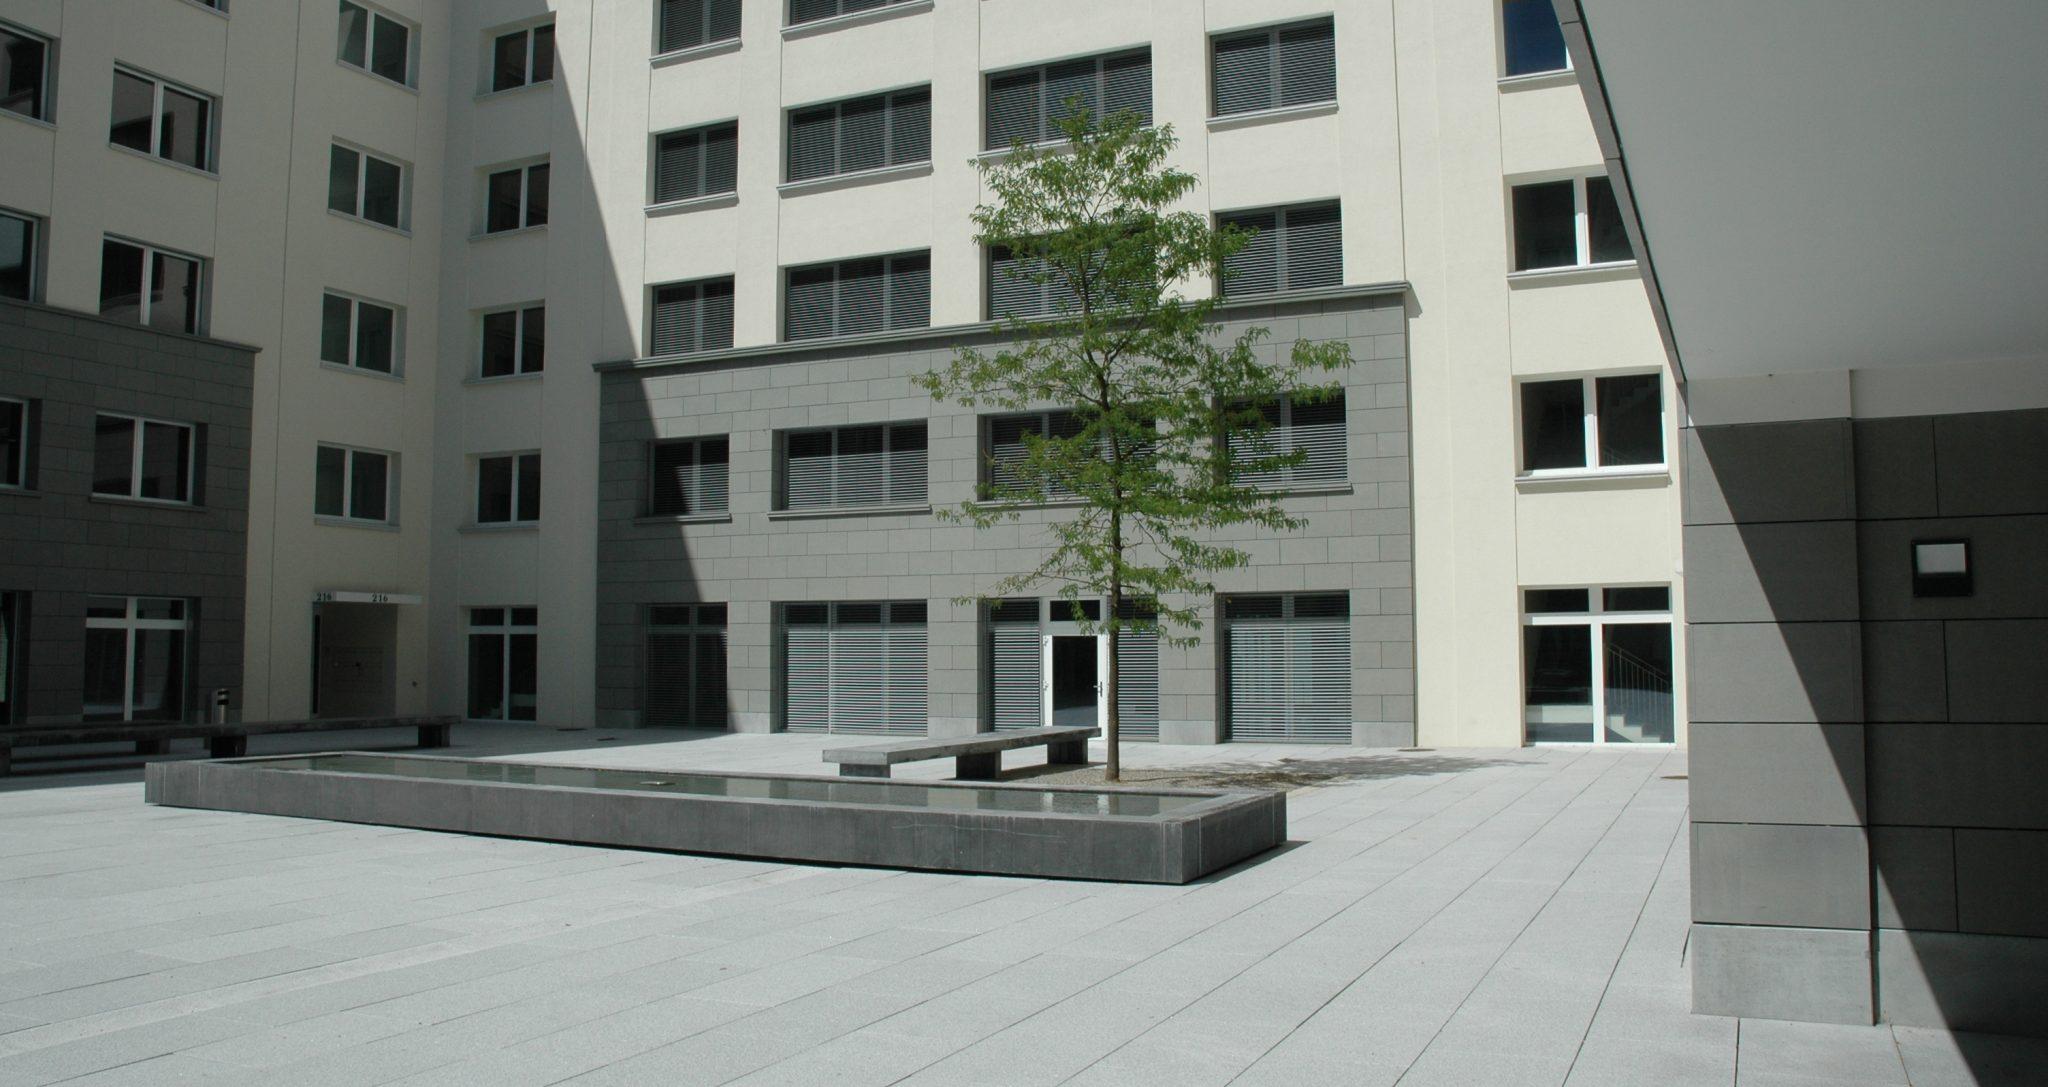 Bürohaus Müller Martini-Areal, Josefstrasse, Zürich